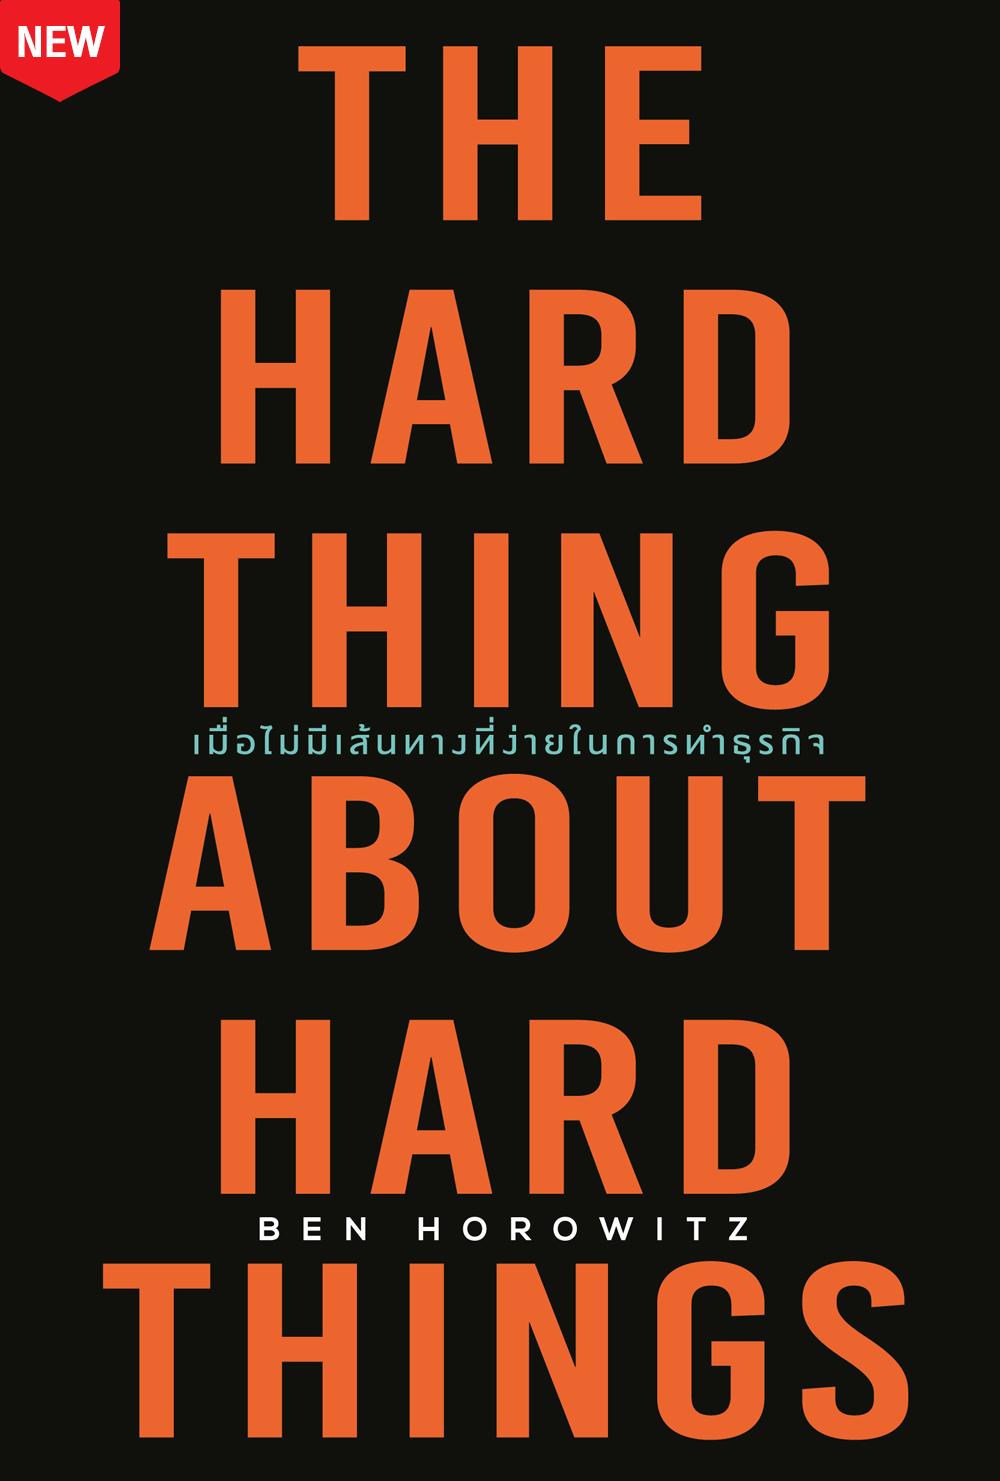 เมื่อไม่มีเส้นทางที่ง่ายในการทำธุรกิจ  (The Hard Thing About Hard Things)